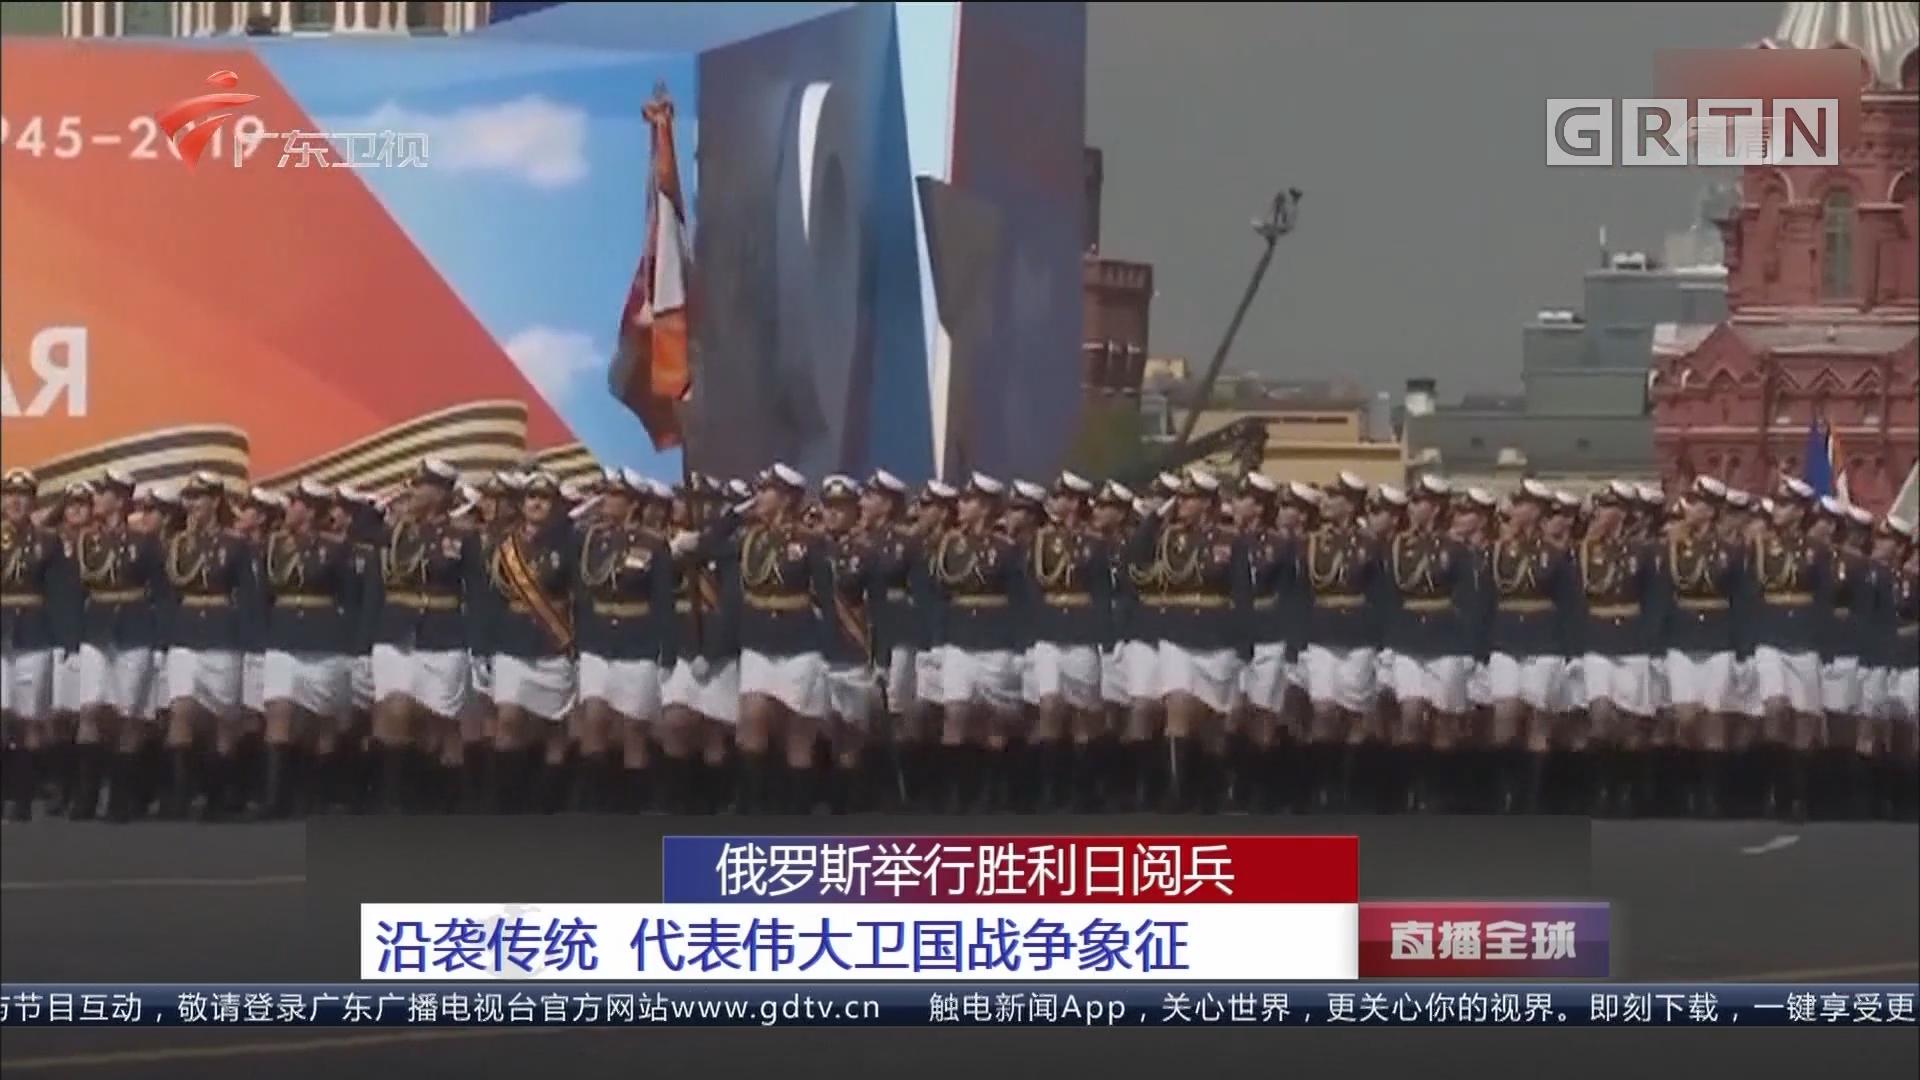 俄罗斯举行胜利日阅兵:沿袭传统 代表伟大卫国战争象征